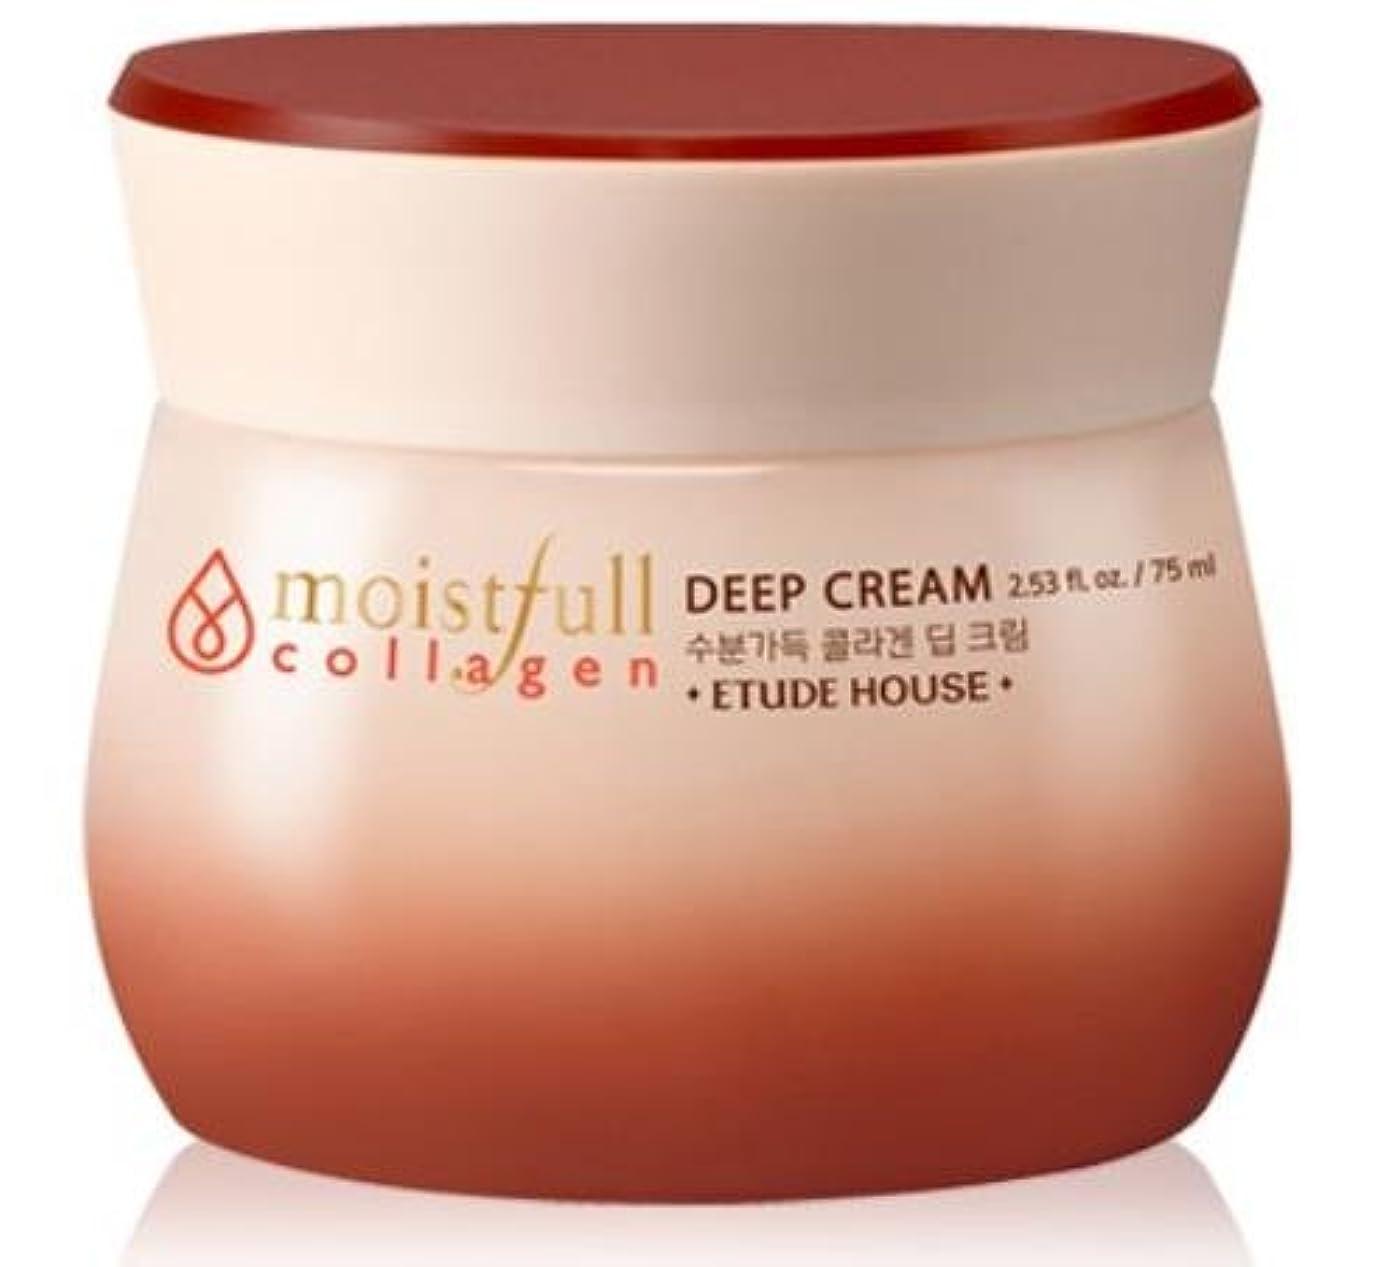 令状排除する強制的[エチュードハウス] ETUDE HOUSE [モイストフルコラーゲ 深いクリーム] (Moistfull Collagen Deep Cream) [並行輸入品]